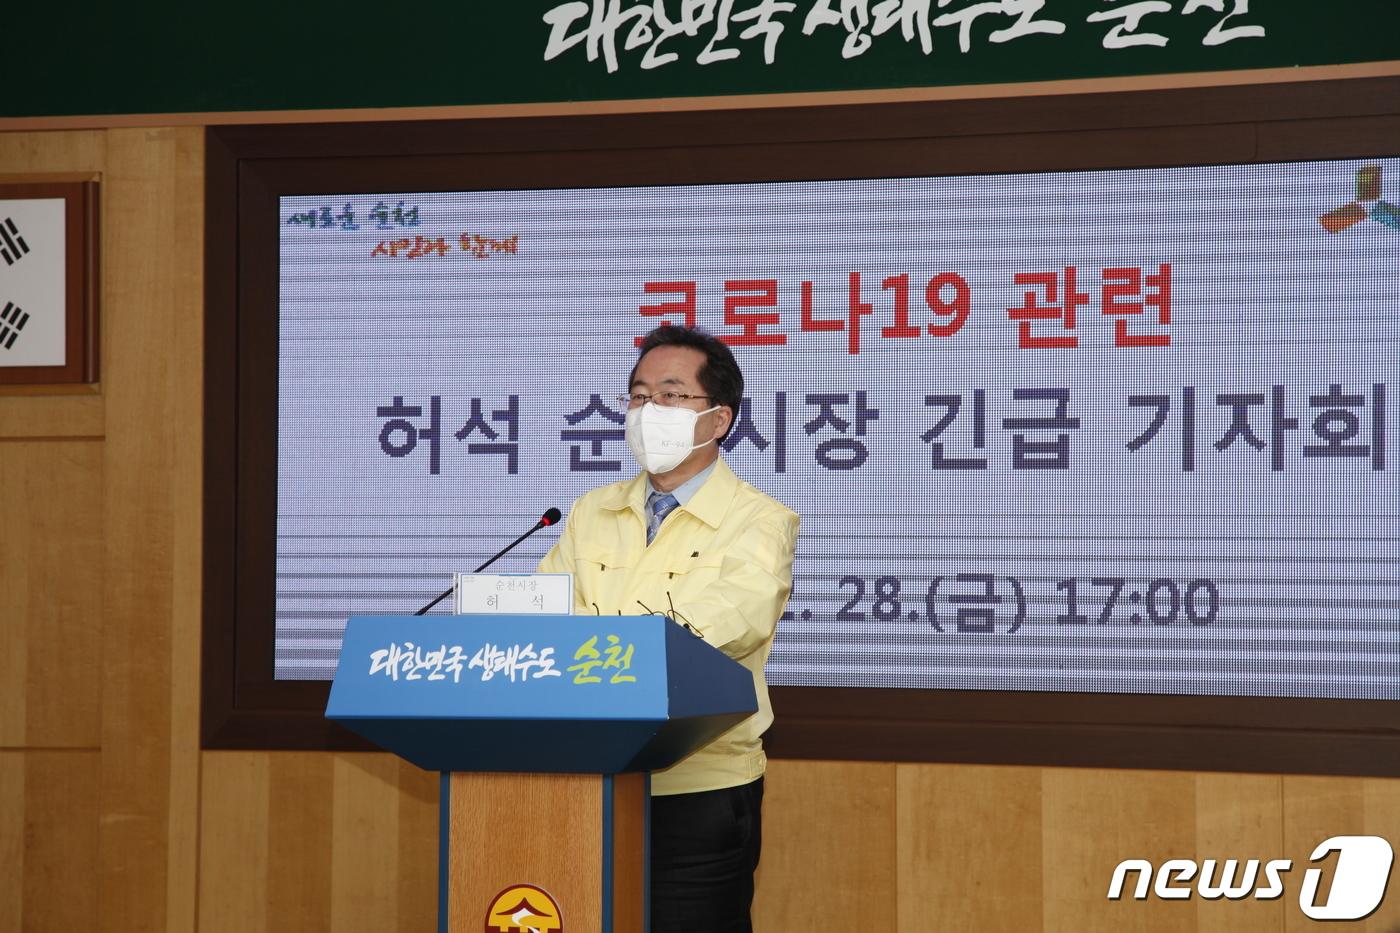 순천서 코로나19 첫 확진자 나오나…20대 간호사 '양성'